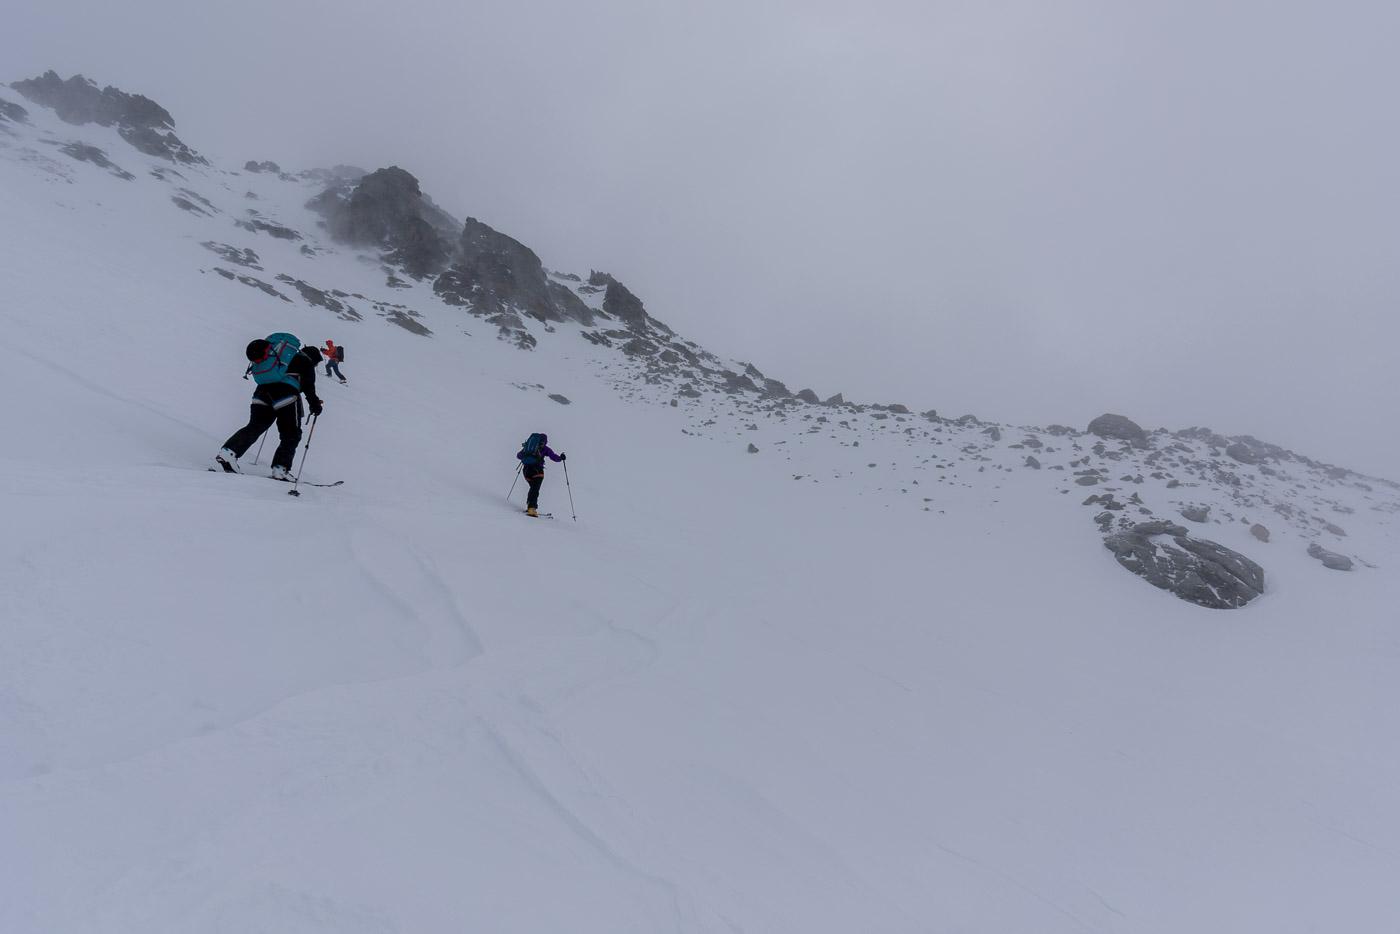 Aufstieg Richtung Fuorcla dal Cunfin